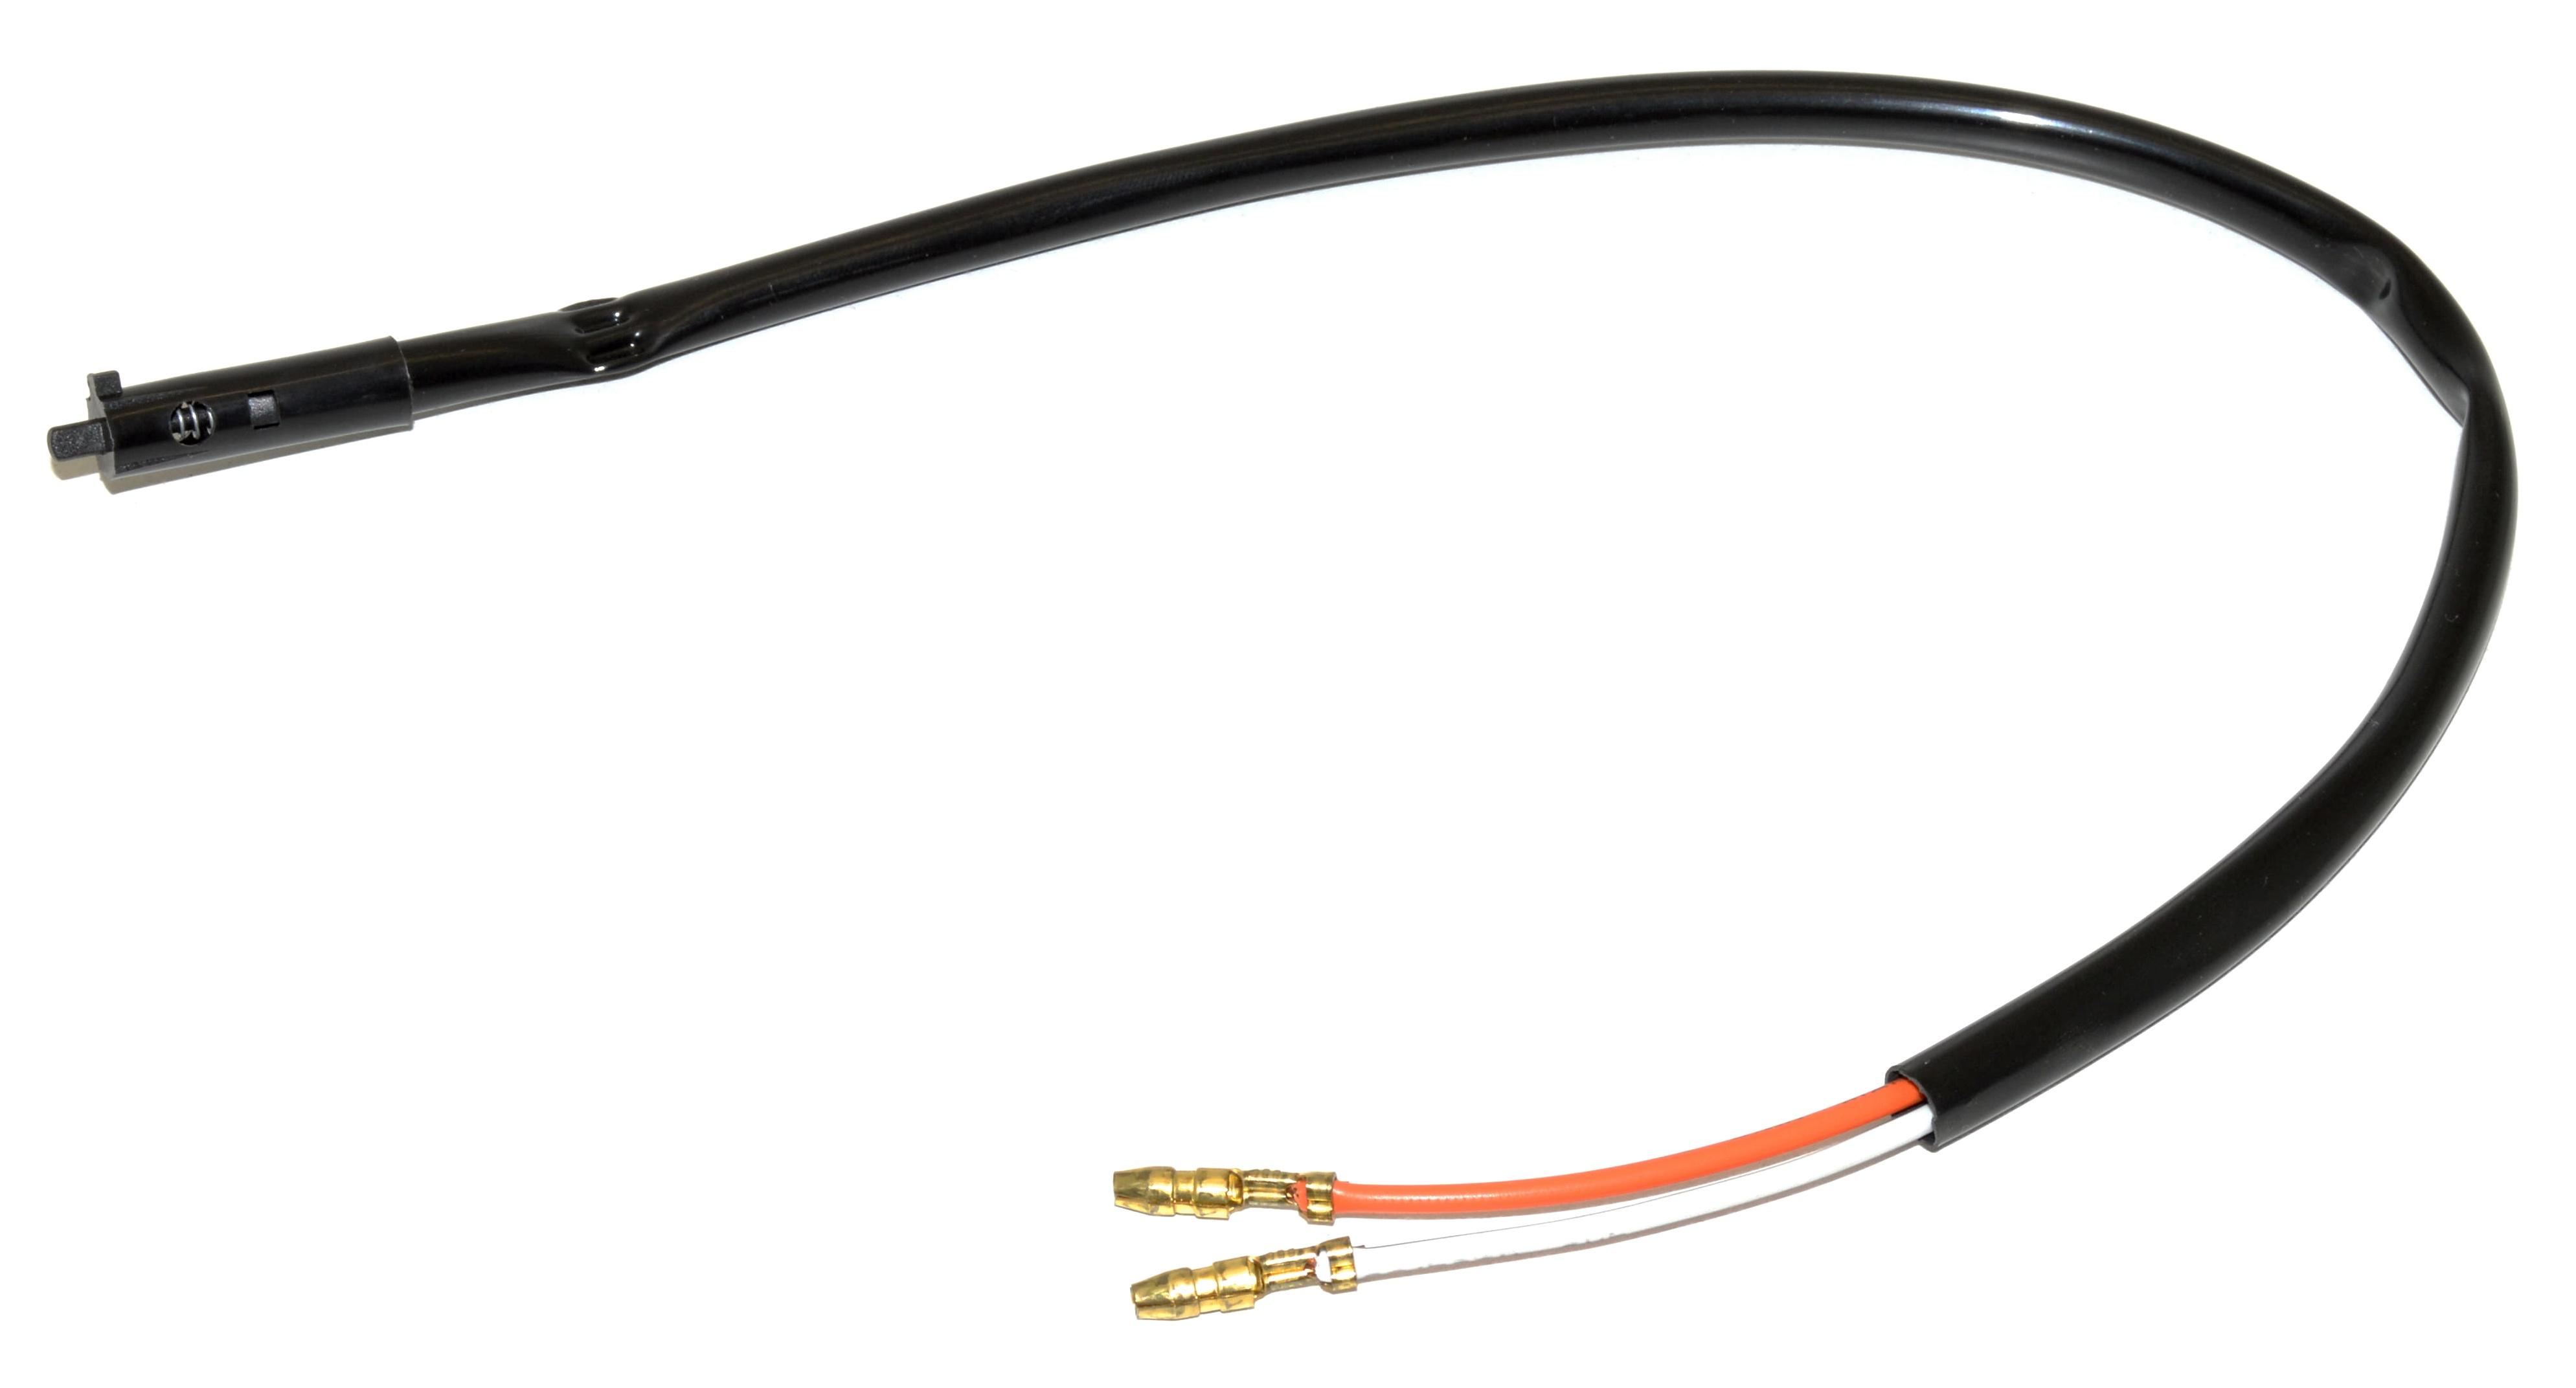 [10] Spínač brzdového světla (rukojeti a páčka zadní brzdy) - Hyosung GPS 125 Hyper / Grand Prix